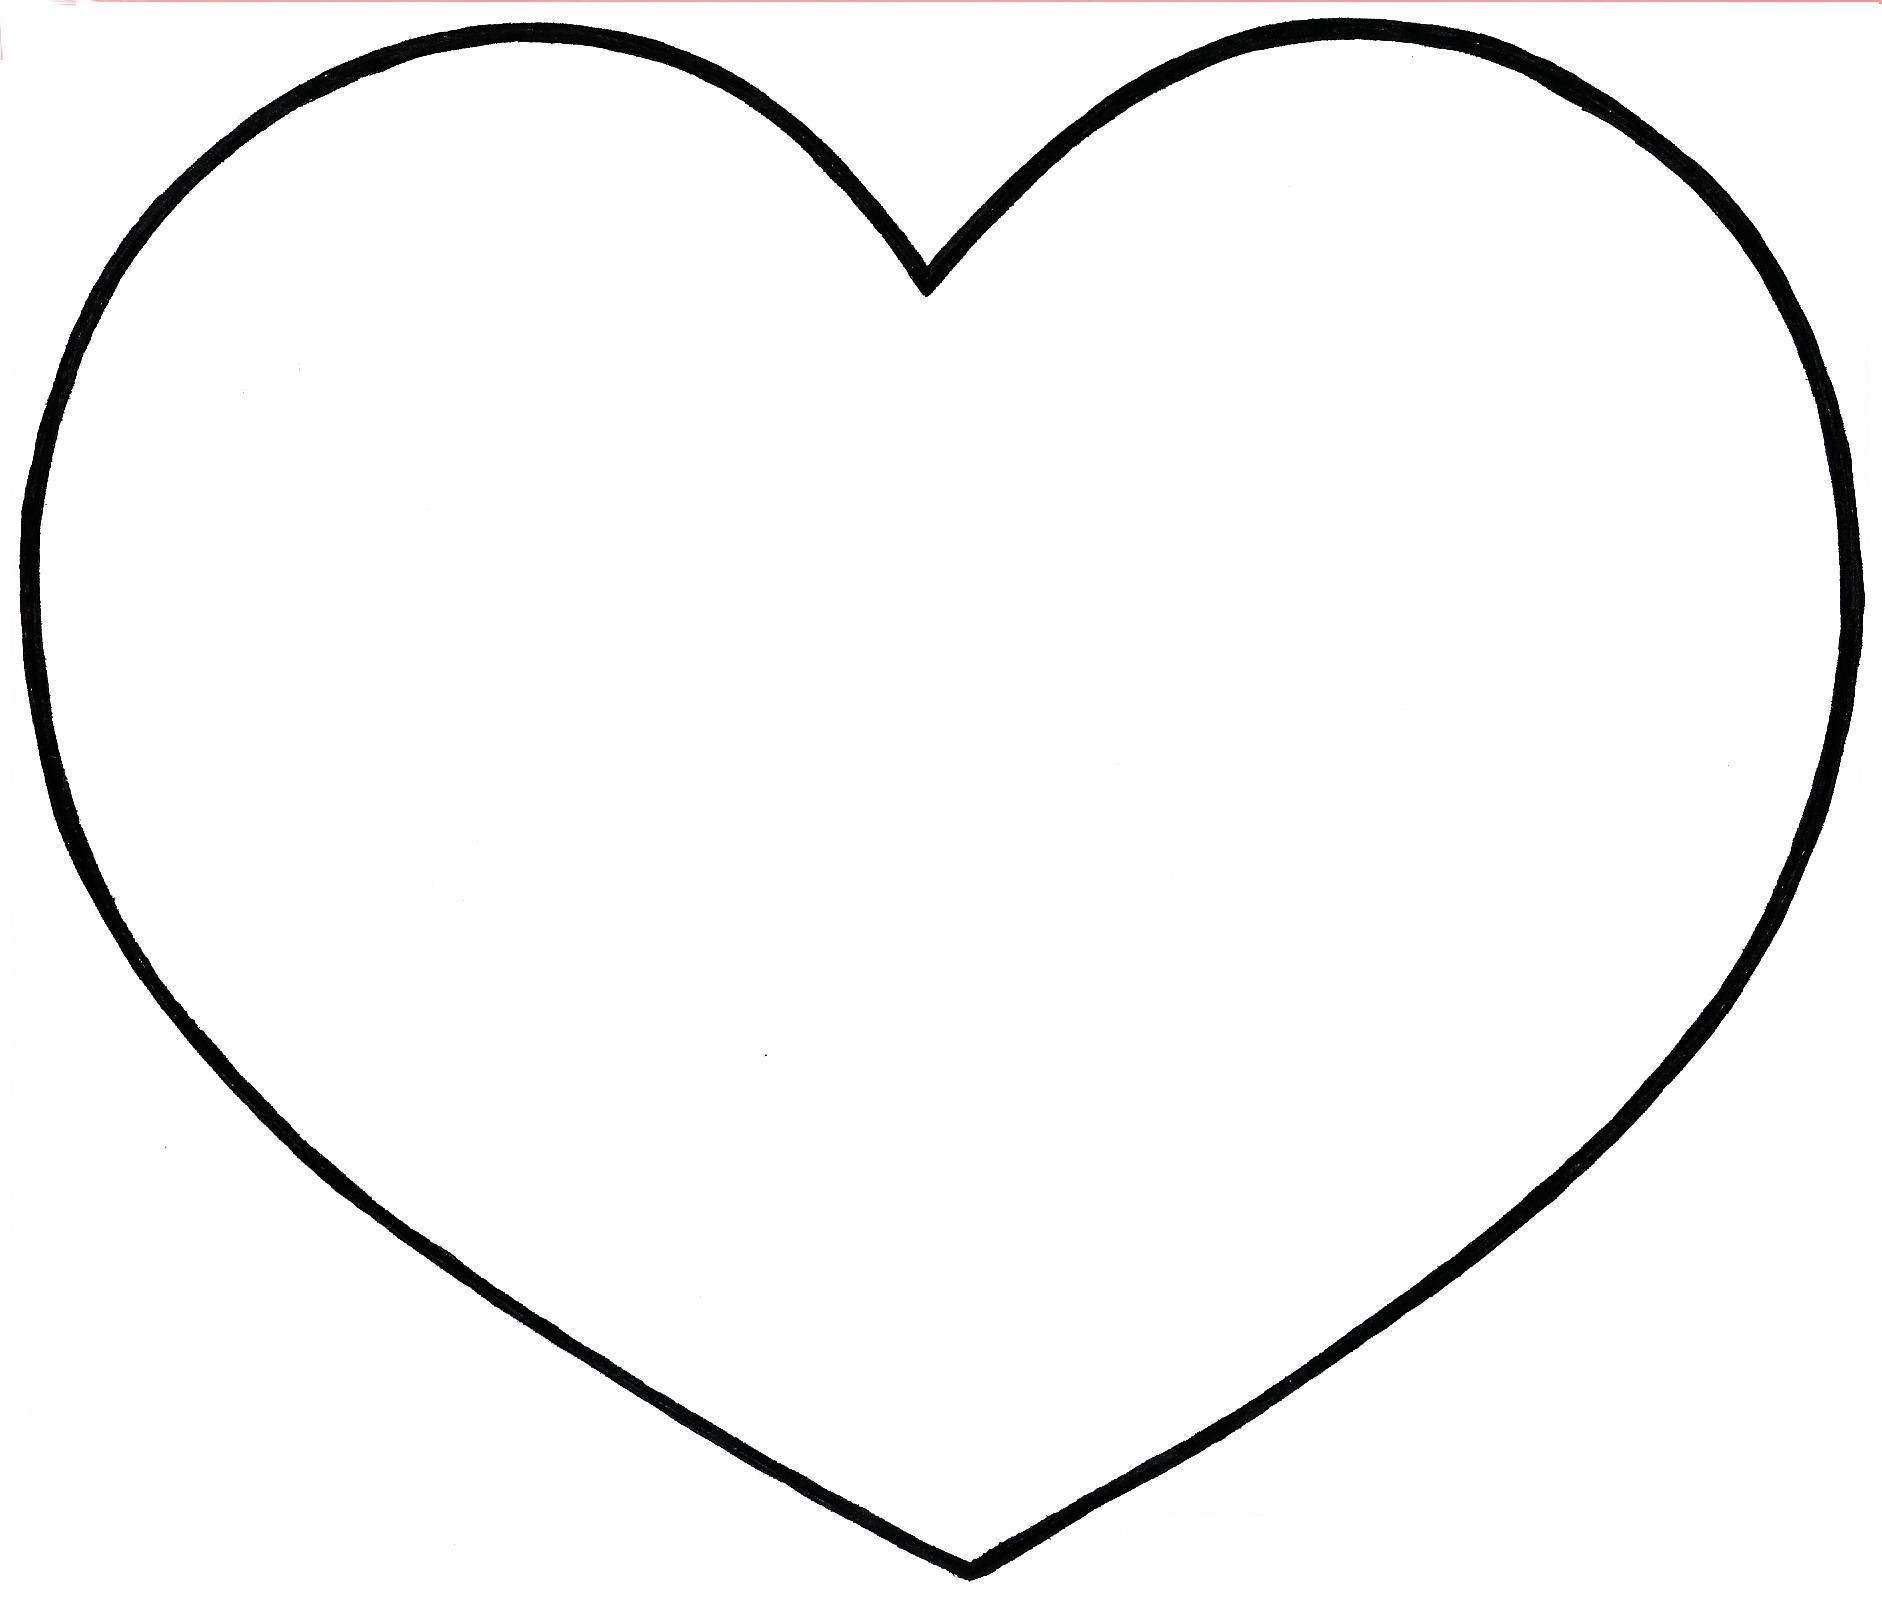 Dessin En Couleurs A Imprimer Chiffres Et Formes Coeur Numero 448264 Coloriage Coeur Dessin De Coeur Coeur A Colorier